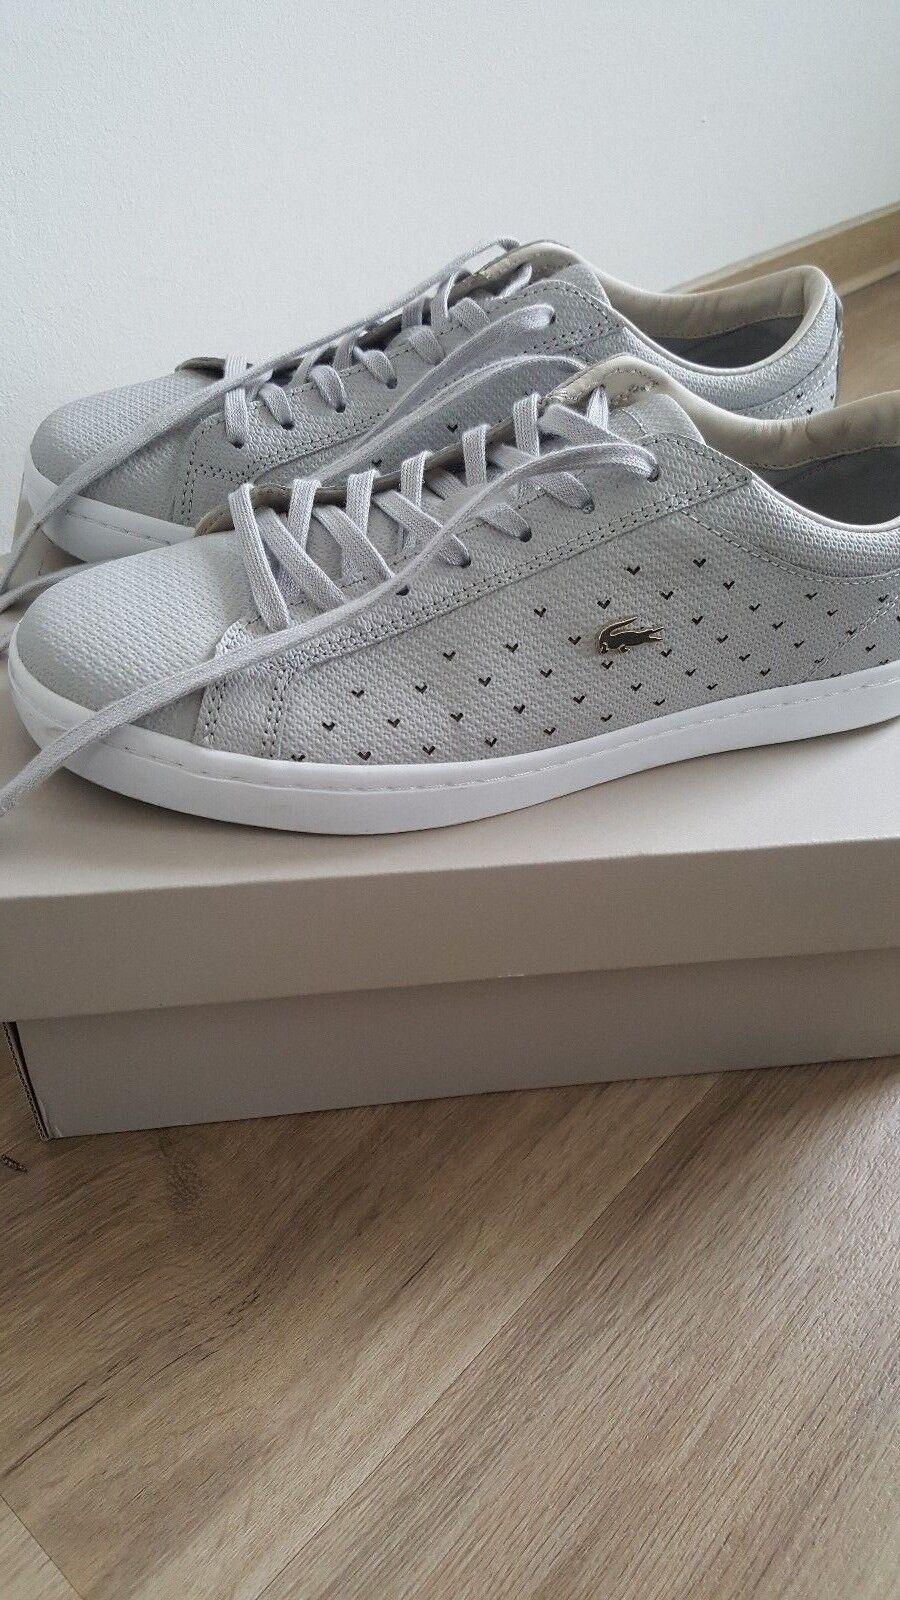 Lacoste flache Sneaker grau Größe 42